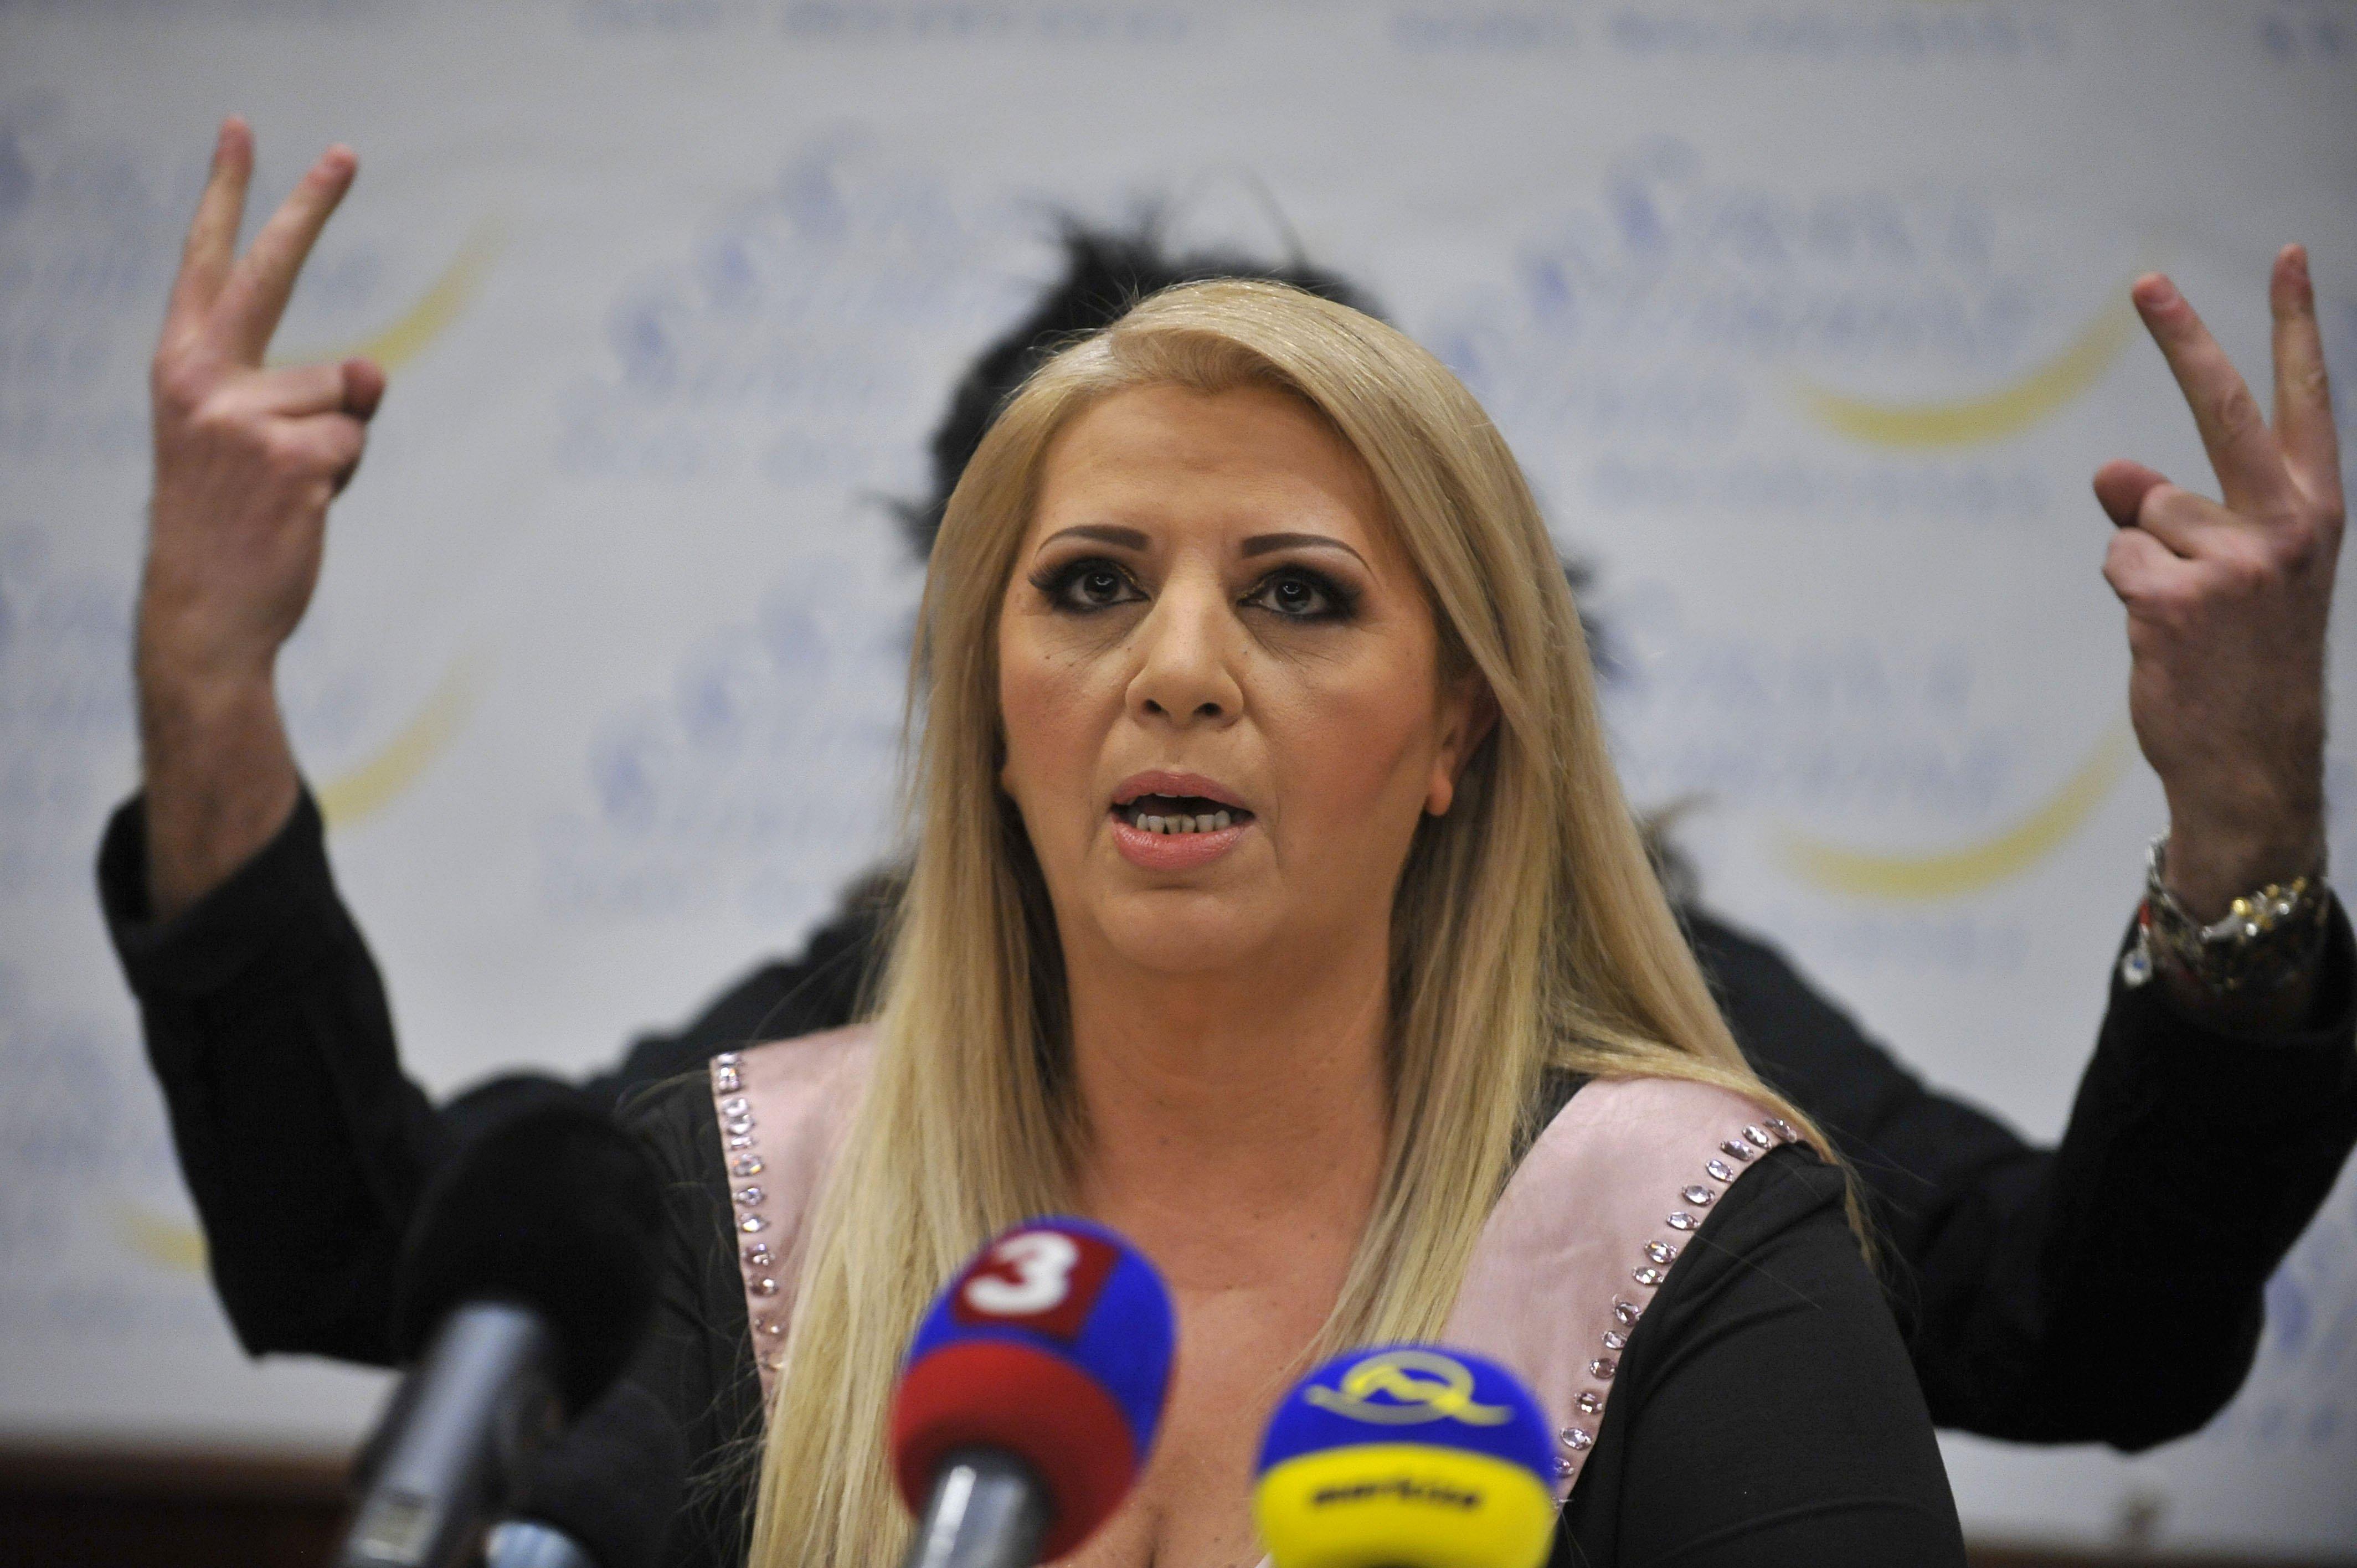 Kandidátka Nora Mojsejová. Foto - TASR